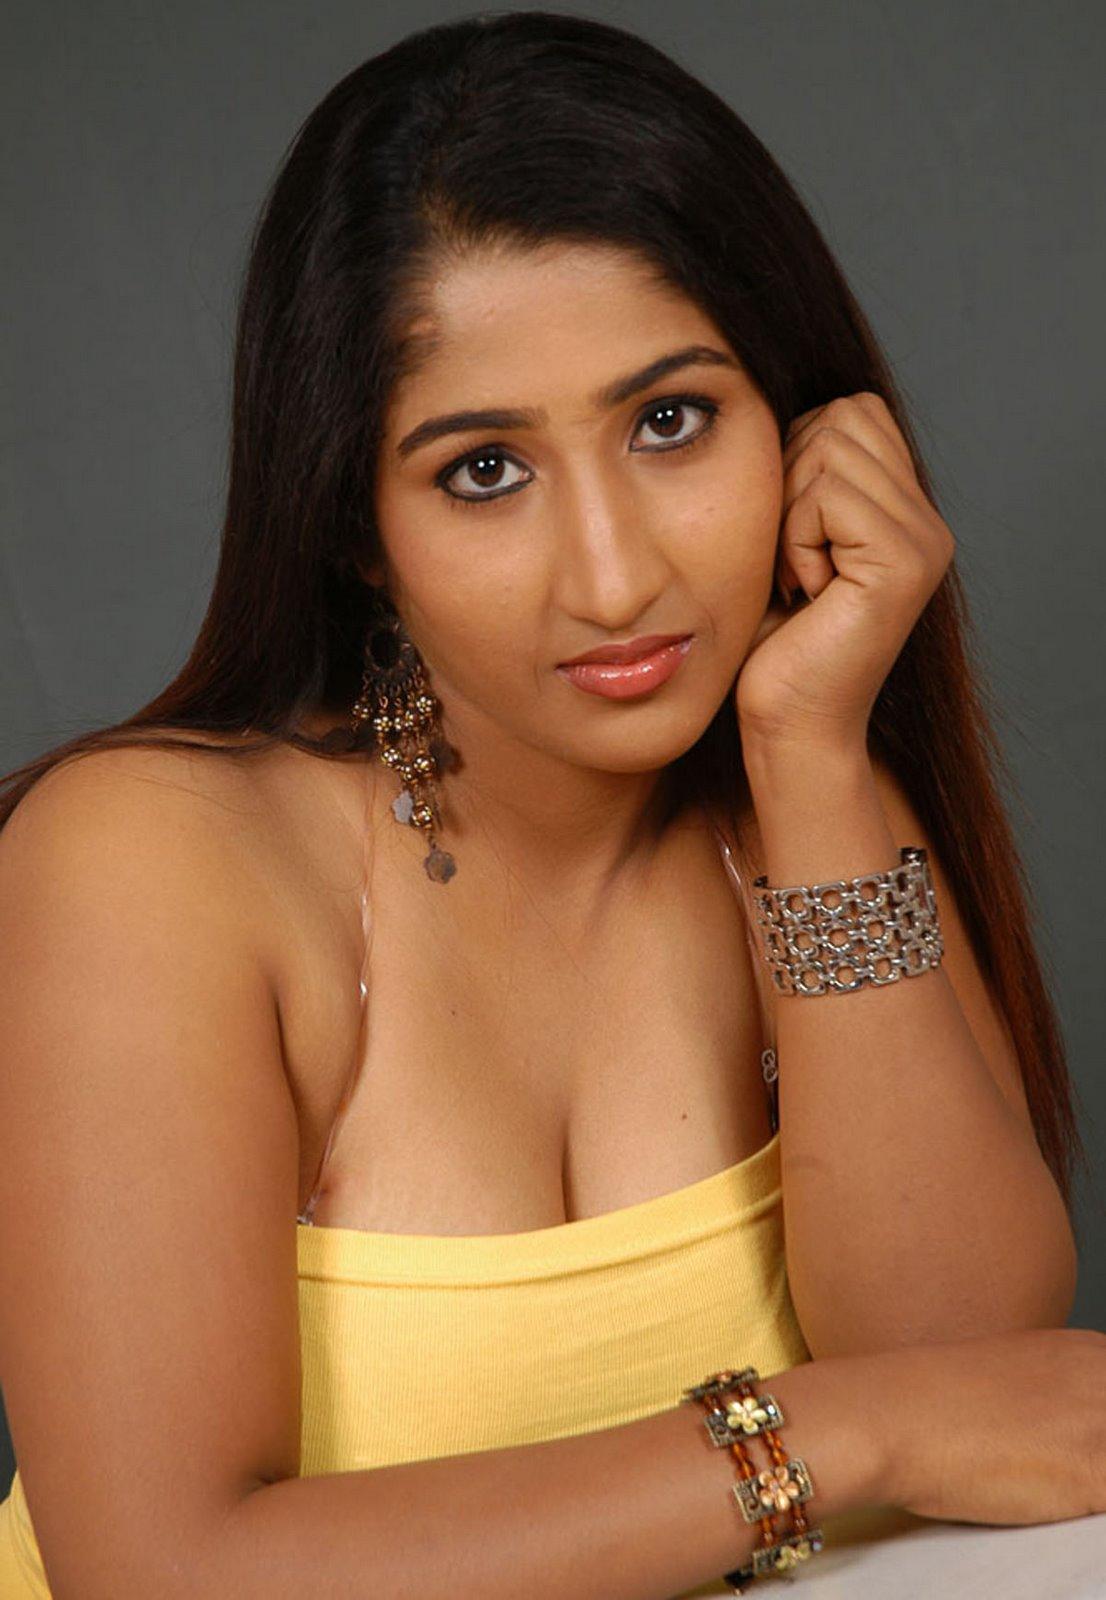 http://2.bp.blogspot.com/_sWvD24wJnx8/ShKidKplF4I/AAAAAAAAAoQ/SrGd4PqUc9I/s1600/kavya%252Bhot%252Bn%252Bspicy%252Bmasala%252Bactress%252Bof%252Bsouth%252Bindia.JPG